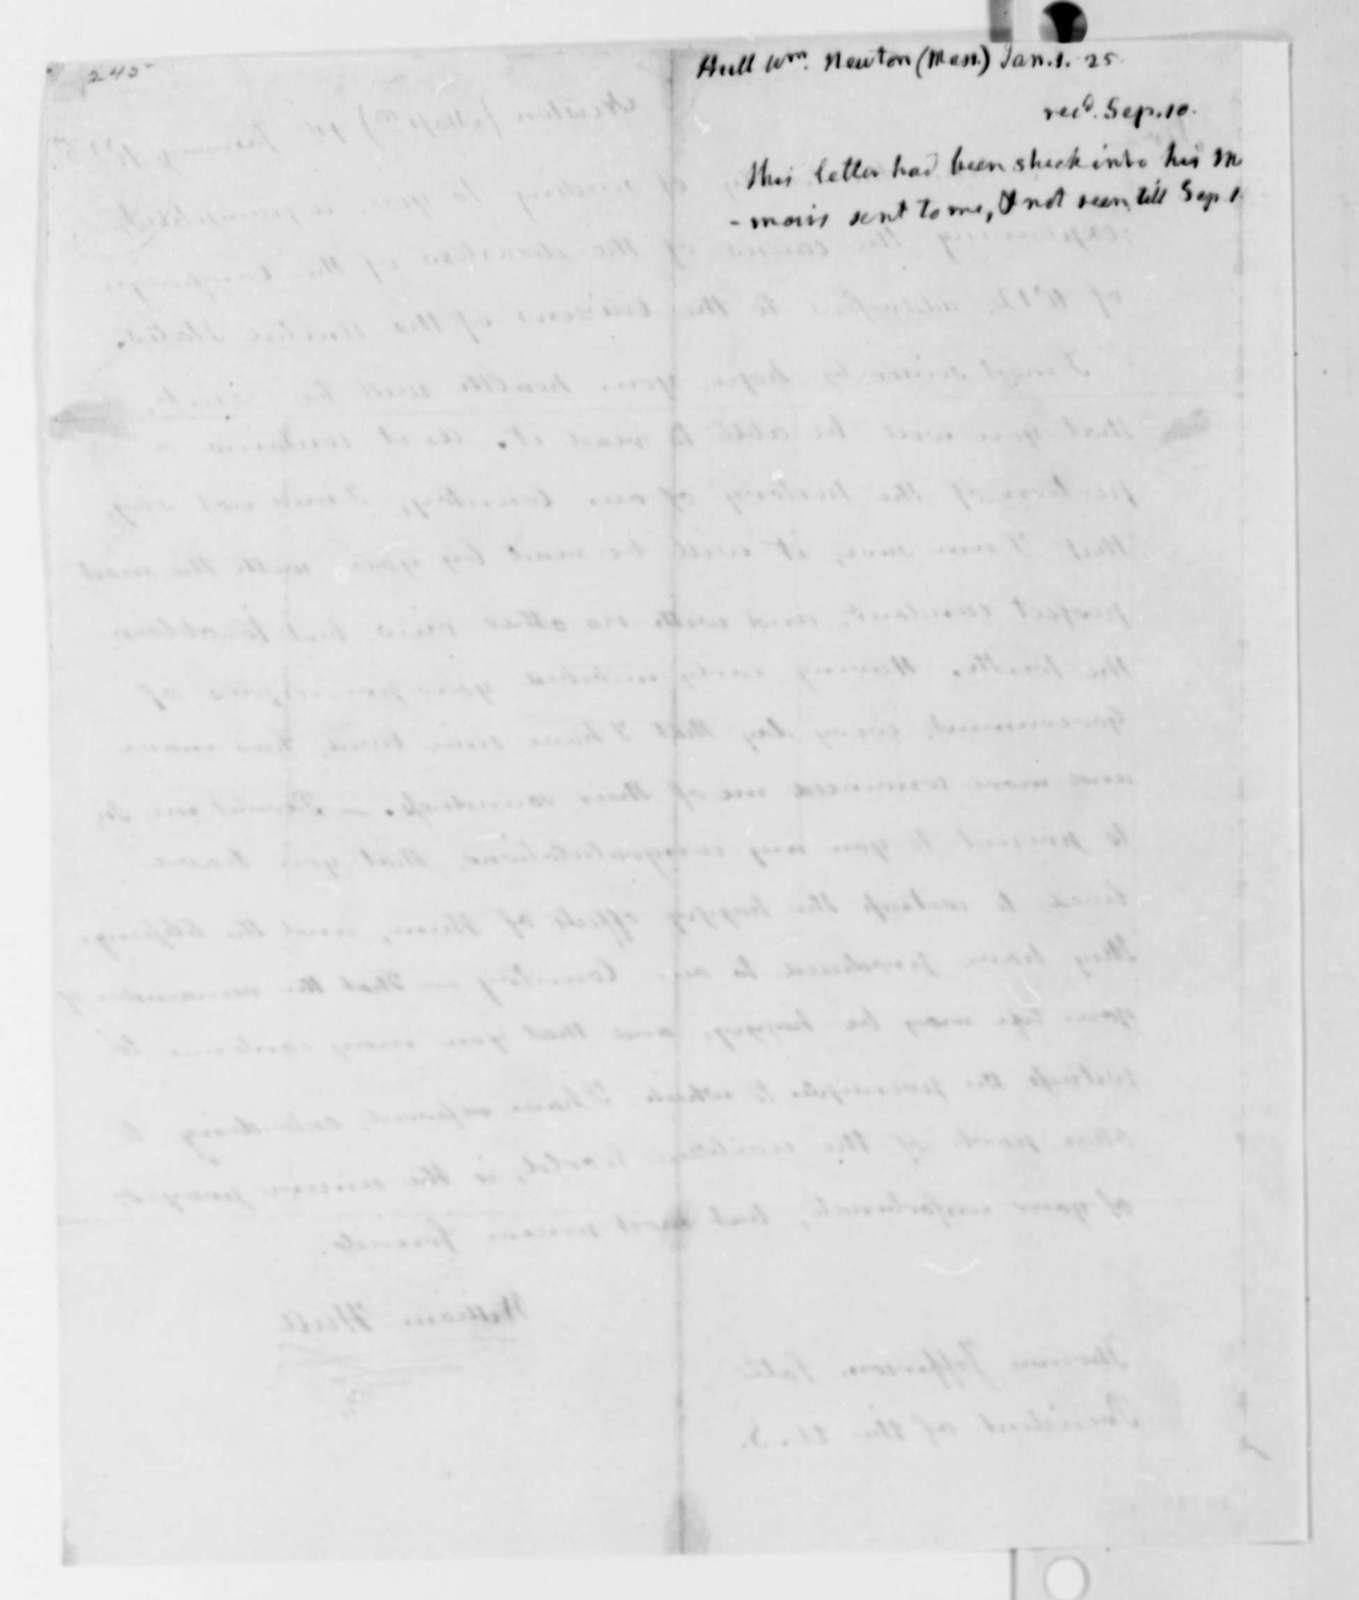 William Hull to Thomas Jefferson, January 1, 1825